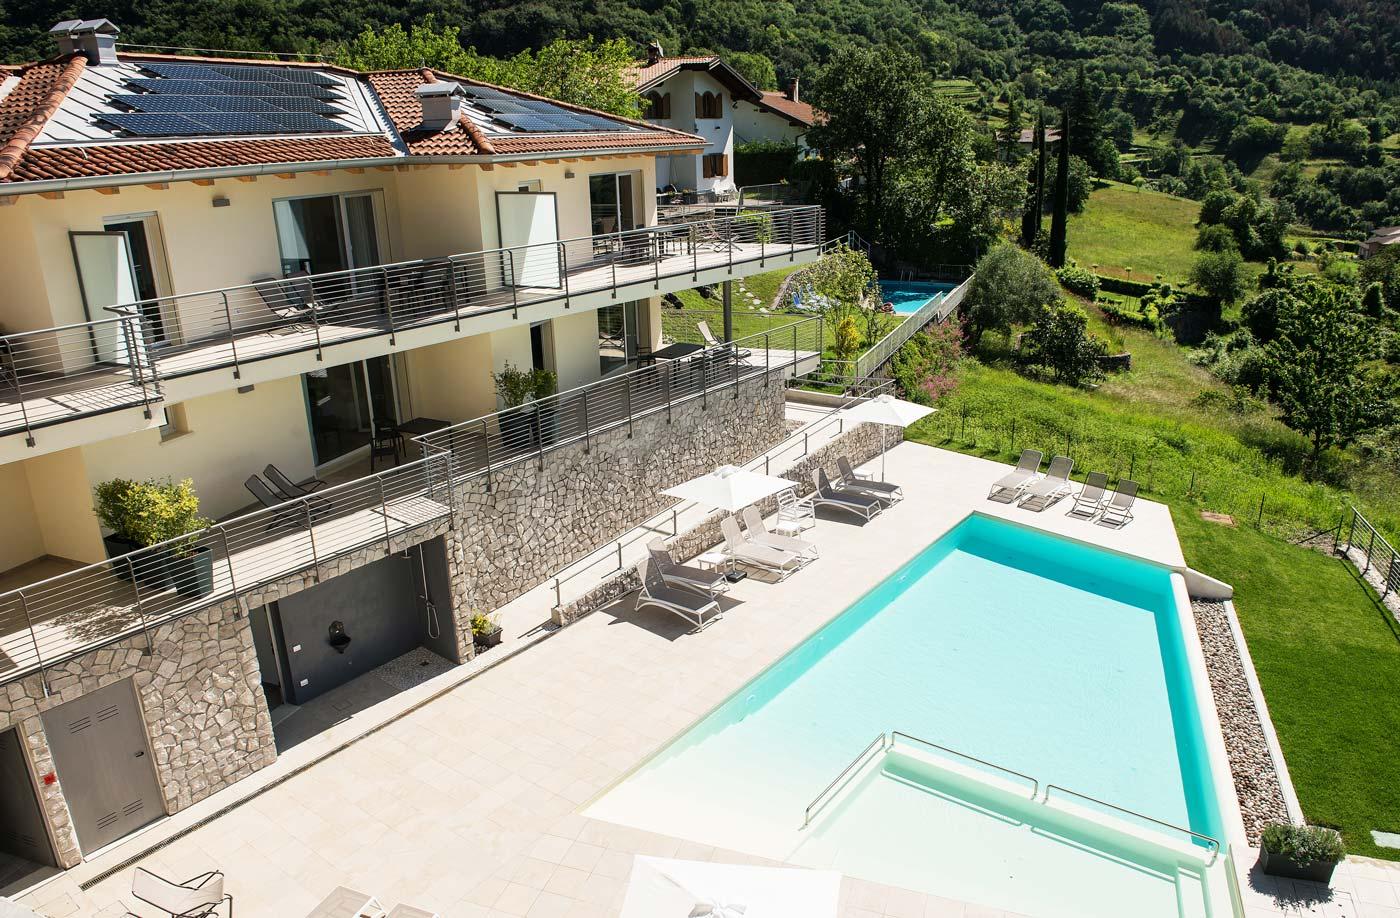 Homepage terrazze sul garda terrazze sul garda for Terrazze arredate